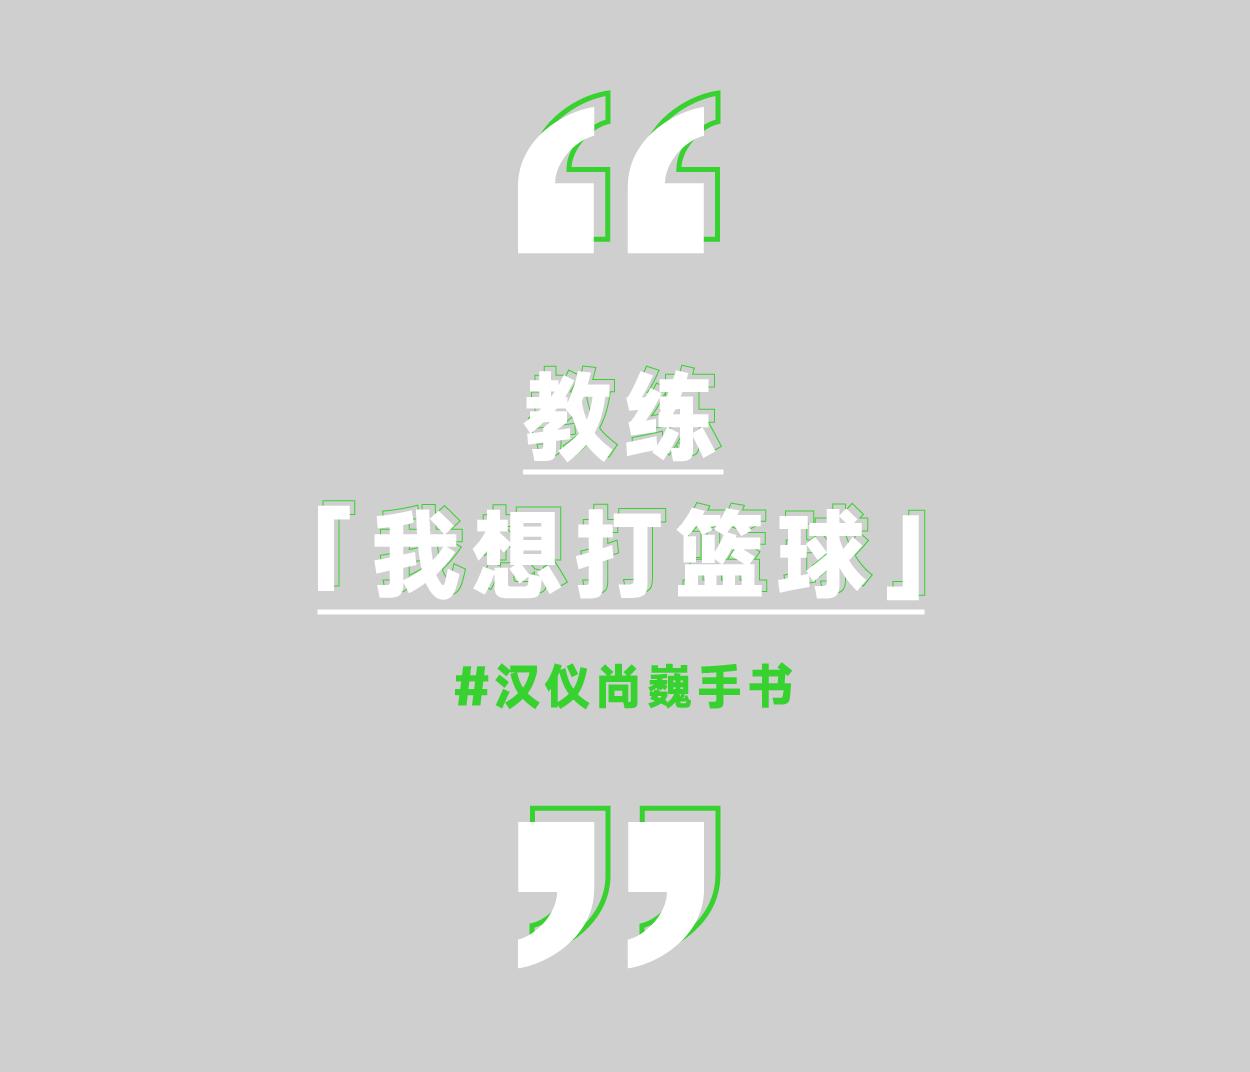 国风少年·李宁篮球_画板 1 副本 18.png